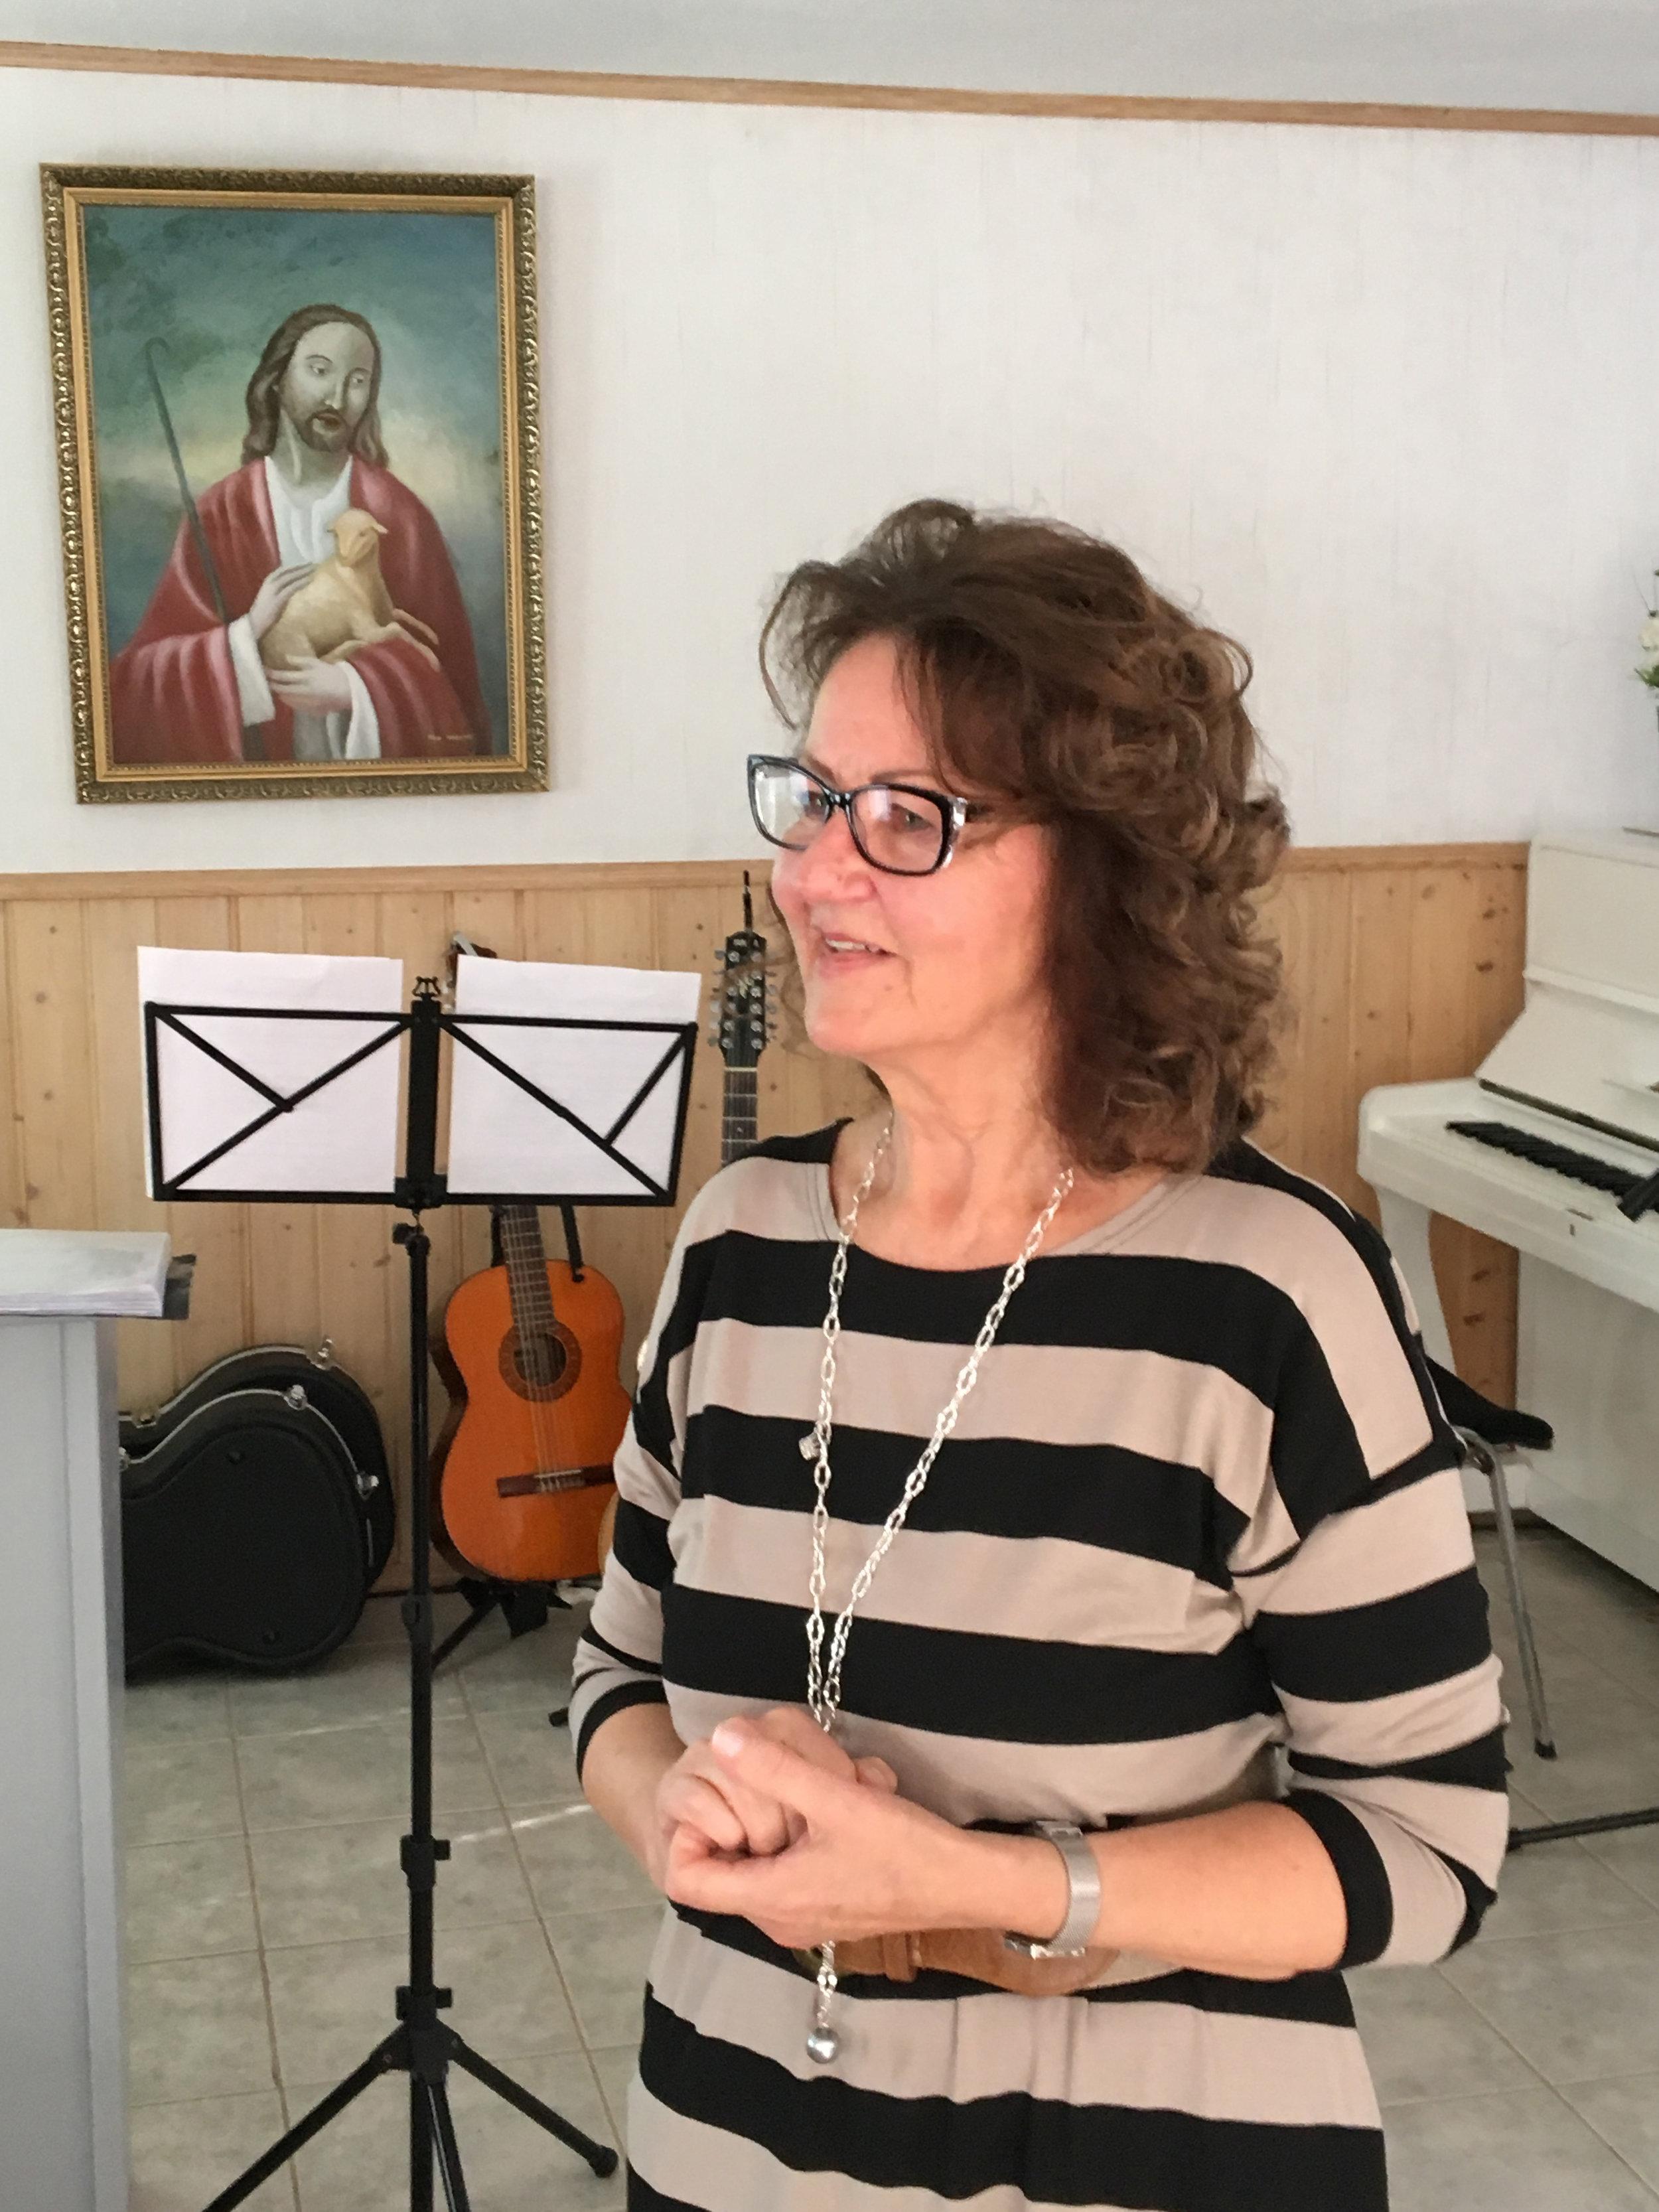 Helena Kärkkäinen - Tunnettu raamatunopettaja Helena Kärkkäinen on tavannut matkoillaan useita naisia, jotka kamppailevat epäterveen itsetunnon ja minäkuvan kanssa. Nainen voi olla hukassa itseltään ja toisilta. Helena opastaa tutkimaan, mitä Sana kertoo identiteetistämme ja asemastamme Jumalan silmissä.